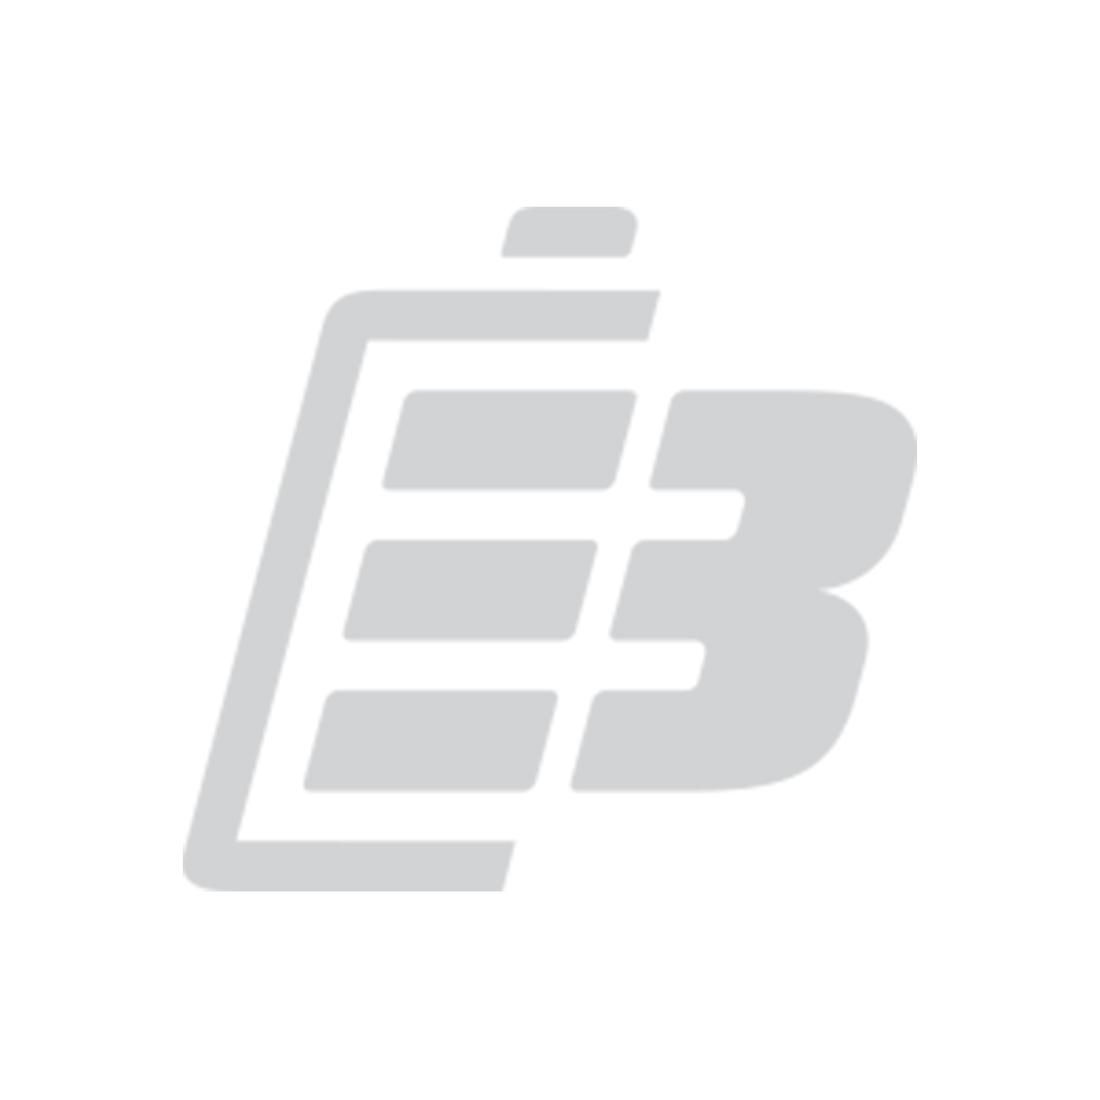 Μπαταρία ηλεκτρικού εργαλείου Metabo 14.4V 3.0Ah_1